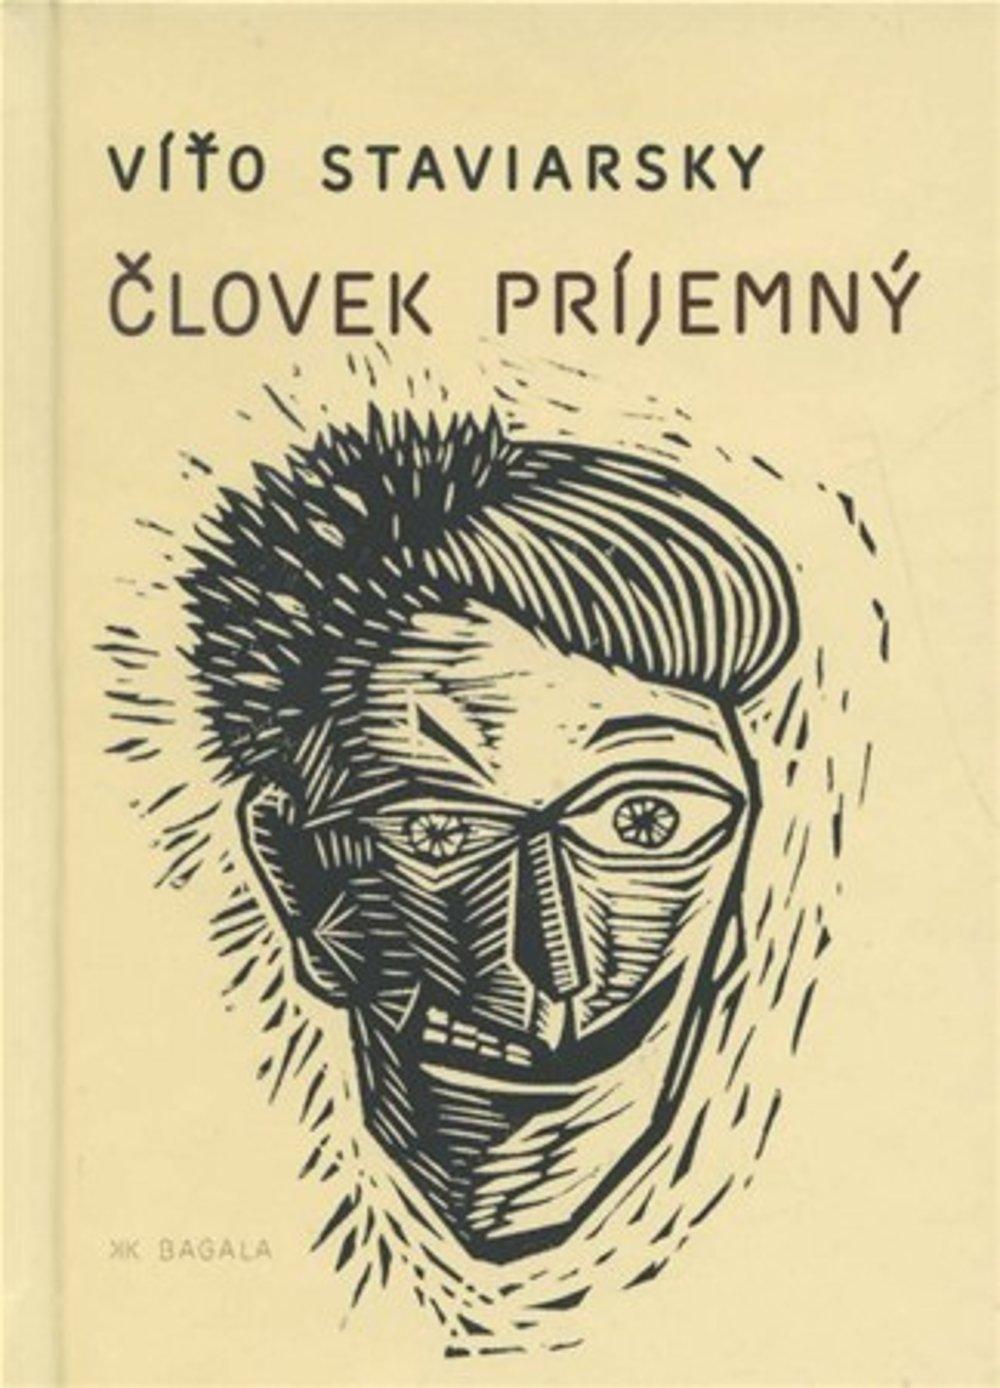 Obálka knihy Človek príjemný Víťa Staviarskeho